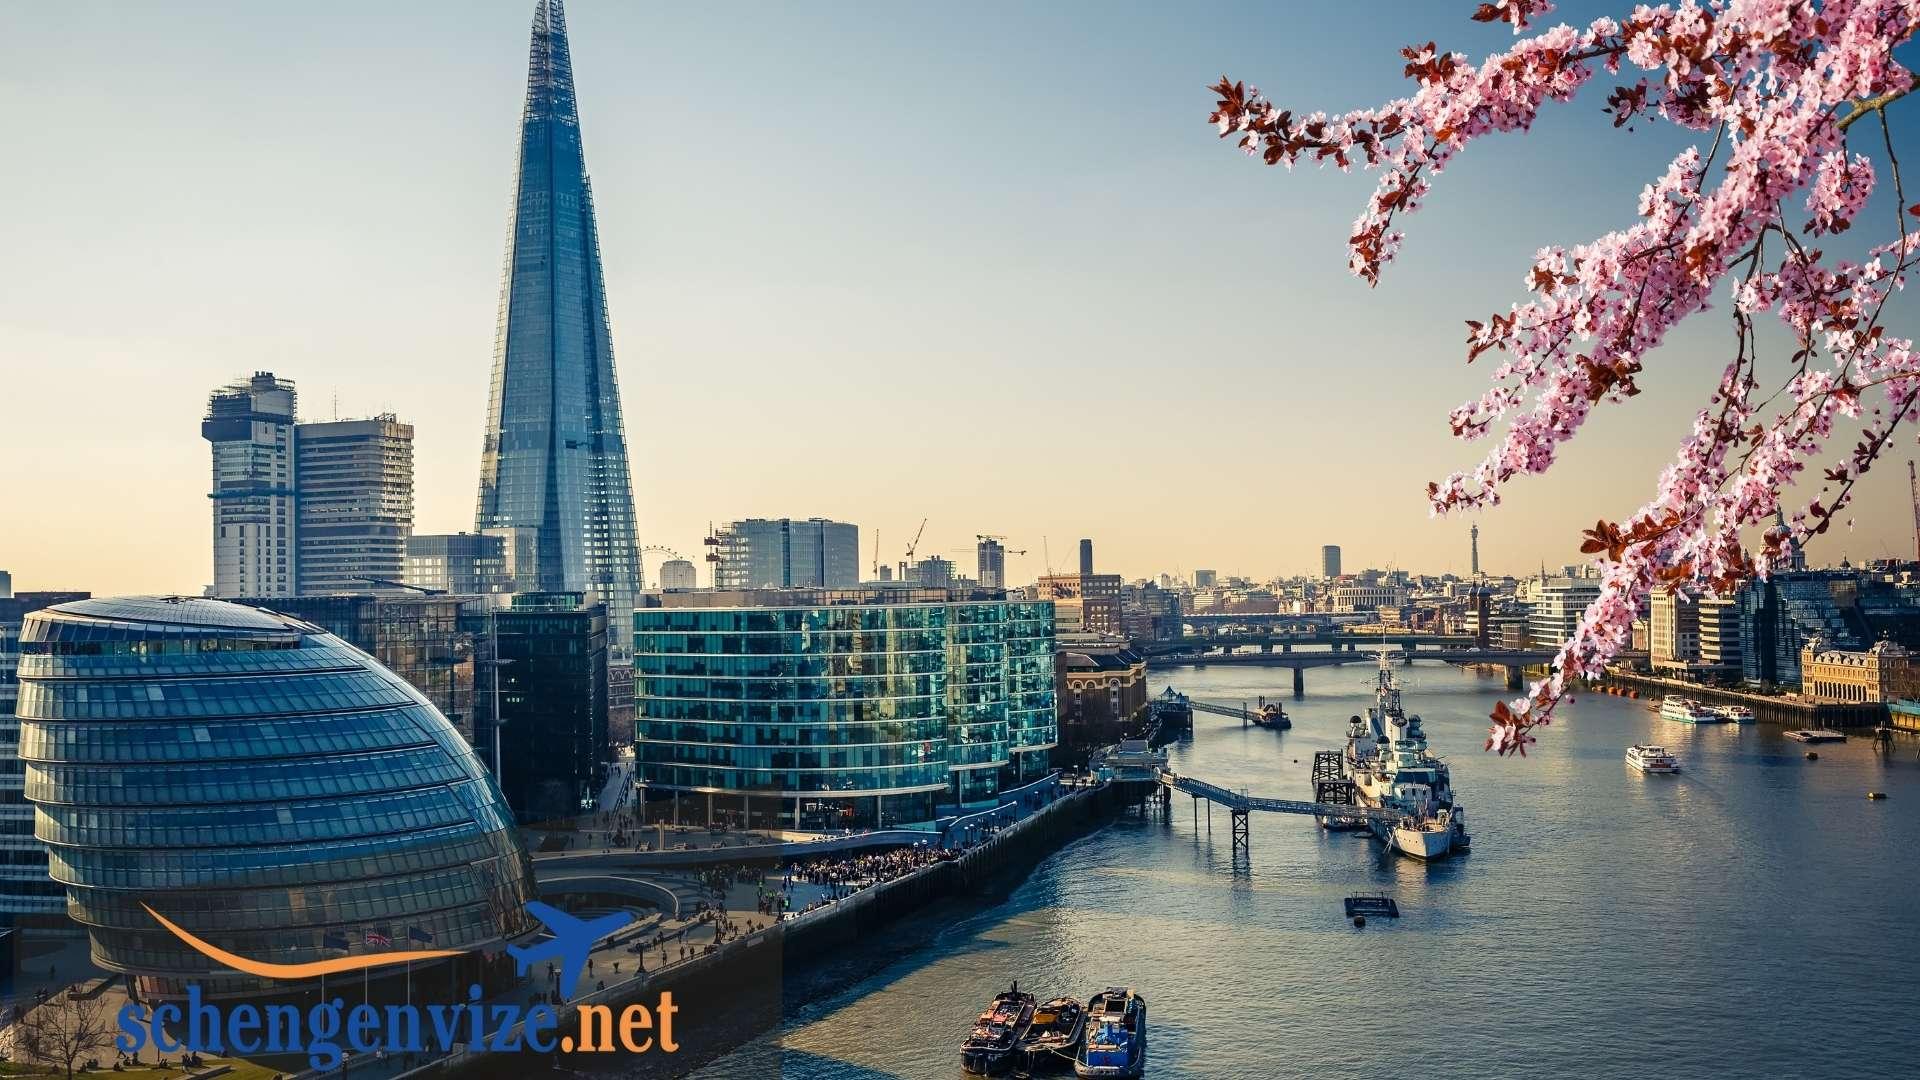 İngiltere Turistik Vize için Online Başvuru Nedir?